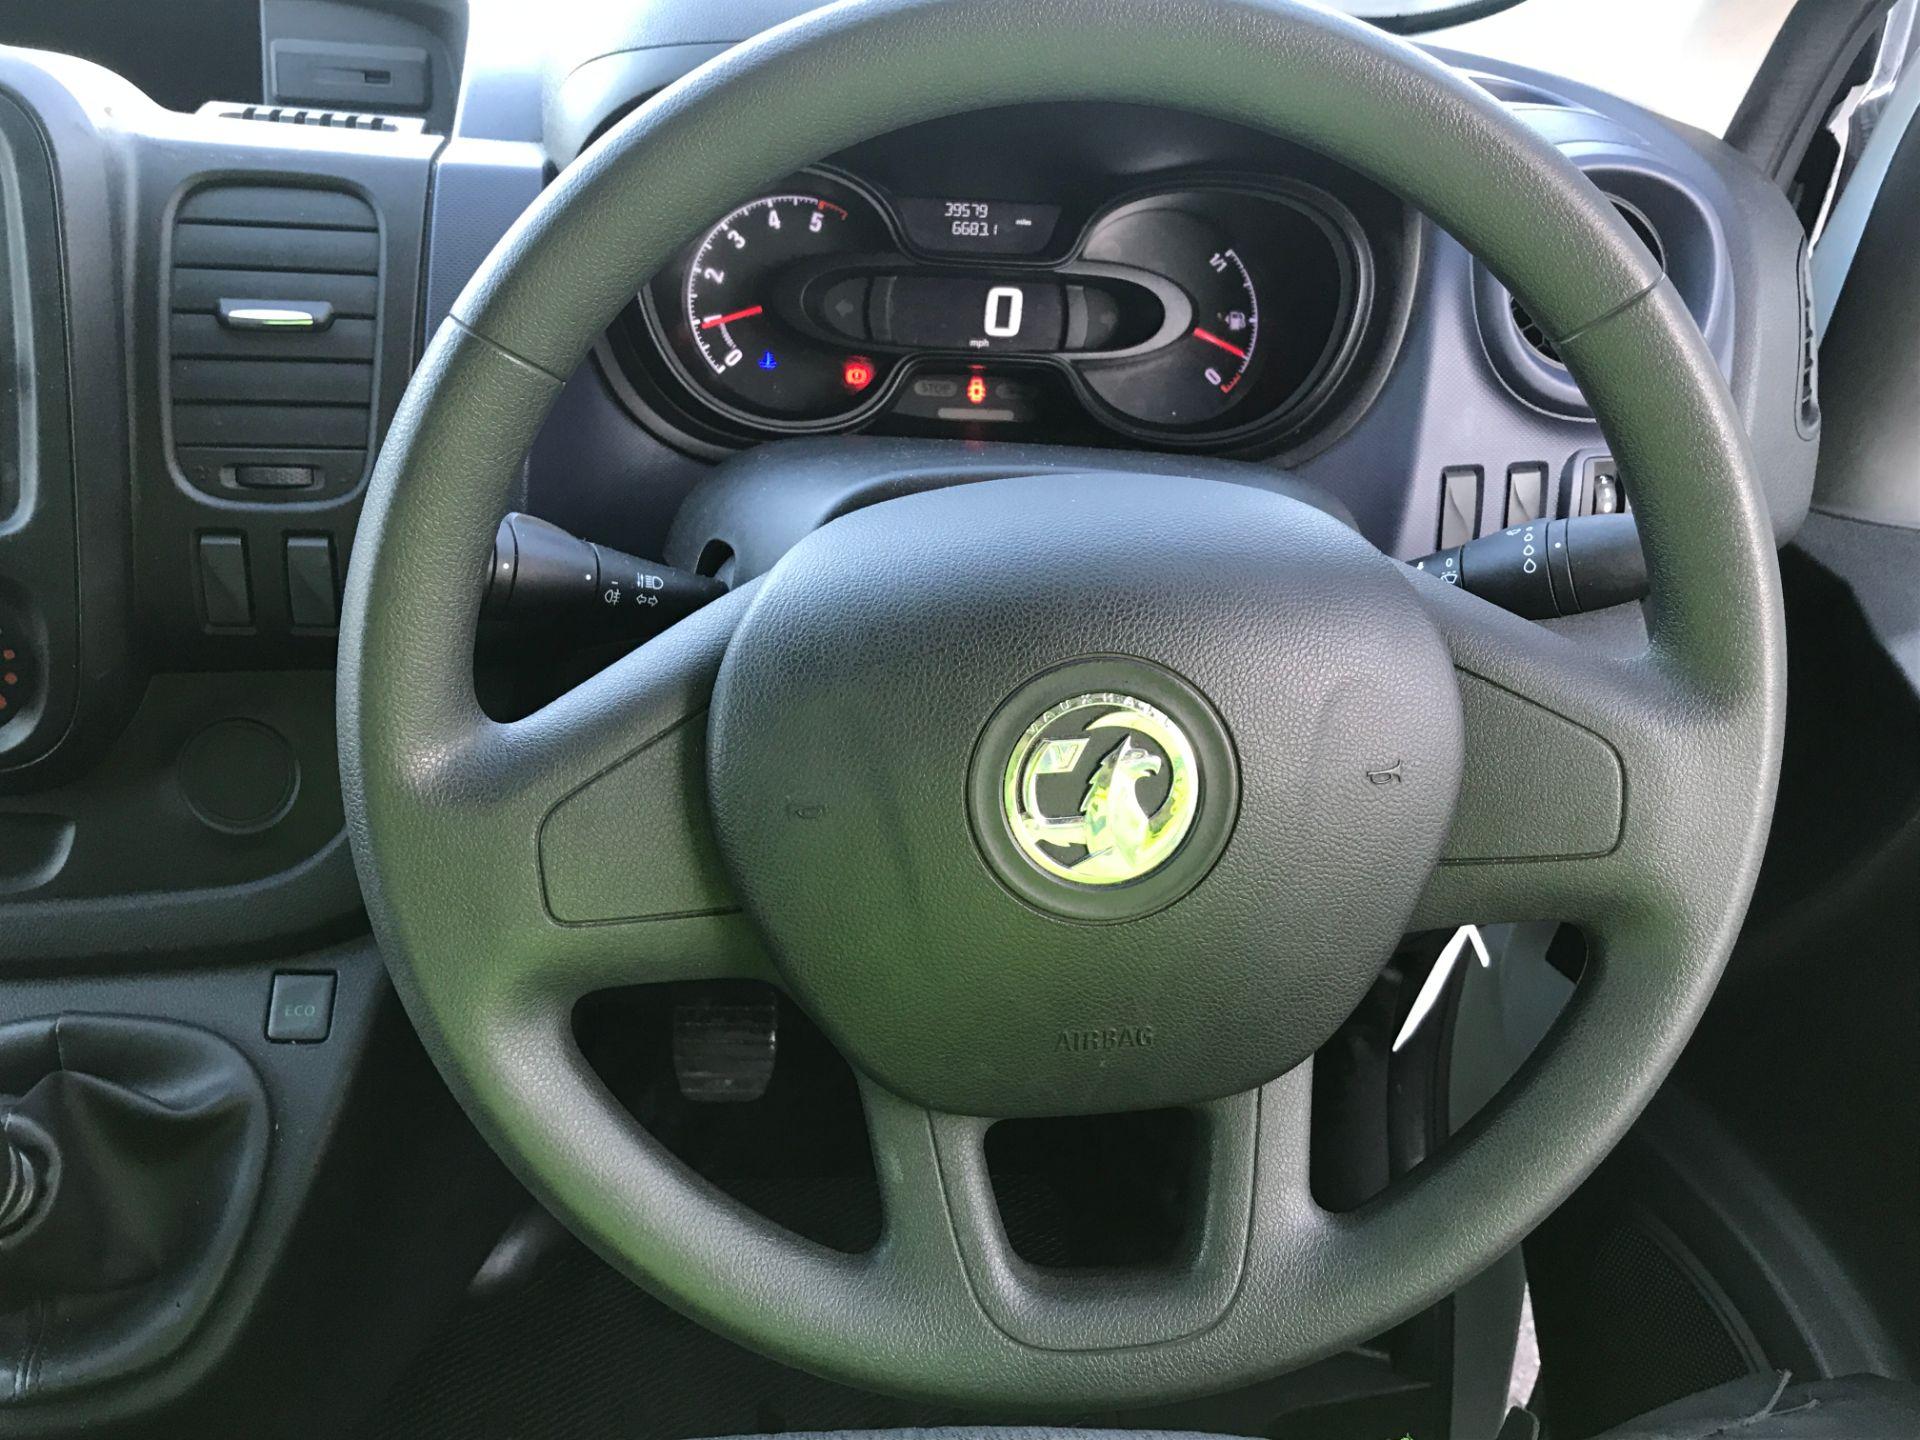 2017 Vauxhall Vivaro 2900 L2 H1 1.6CDTI 120PS EURO 6 (DP17UJB) Image 5